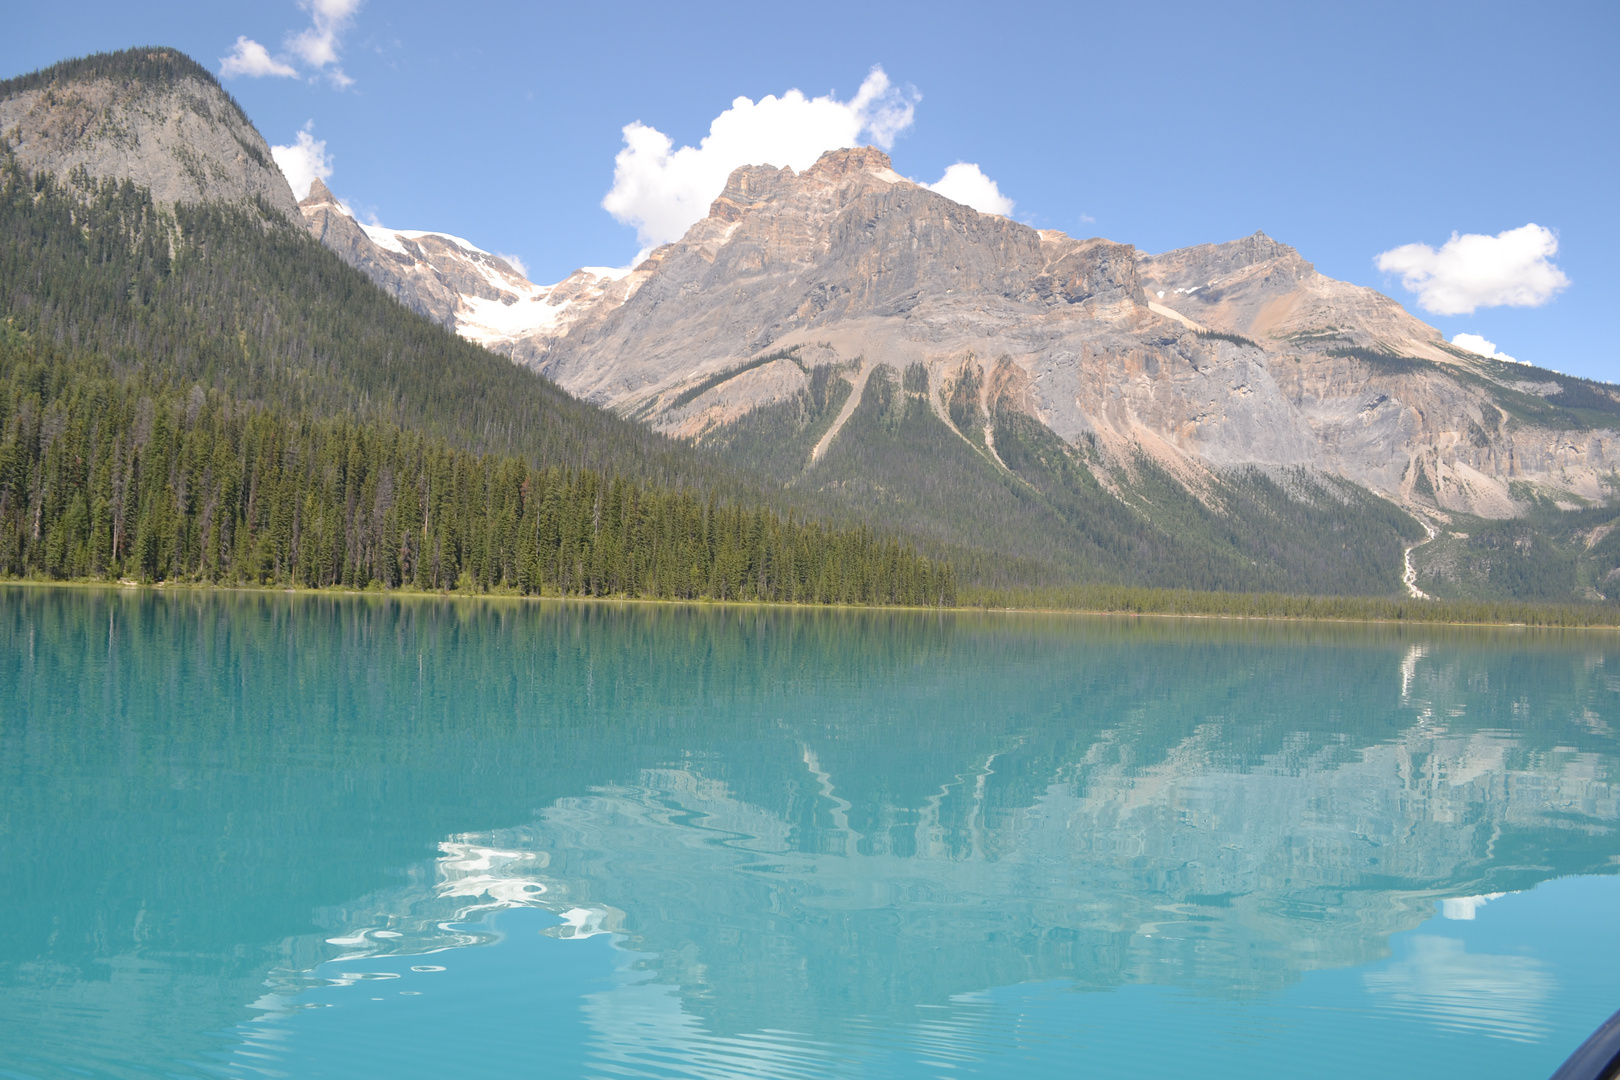 Emerald Lake...ein Traum in Türkis